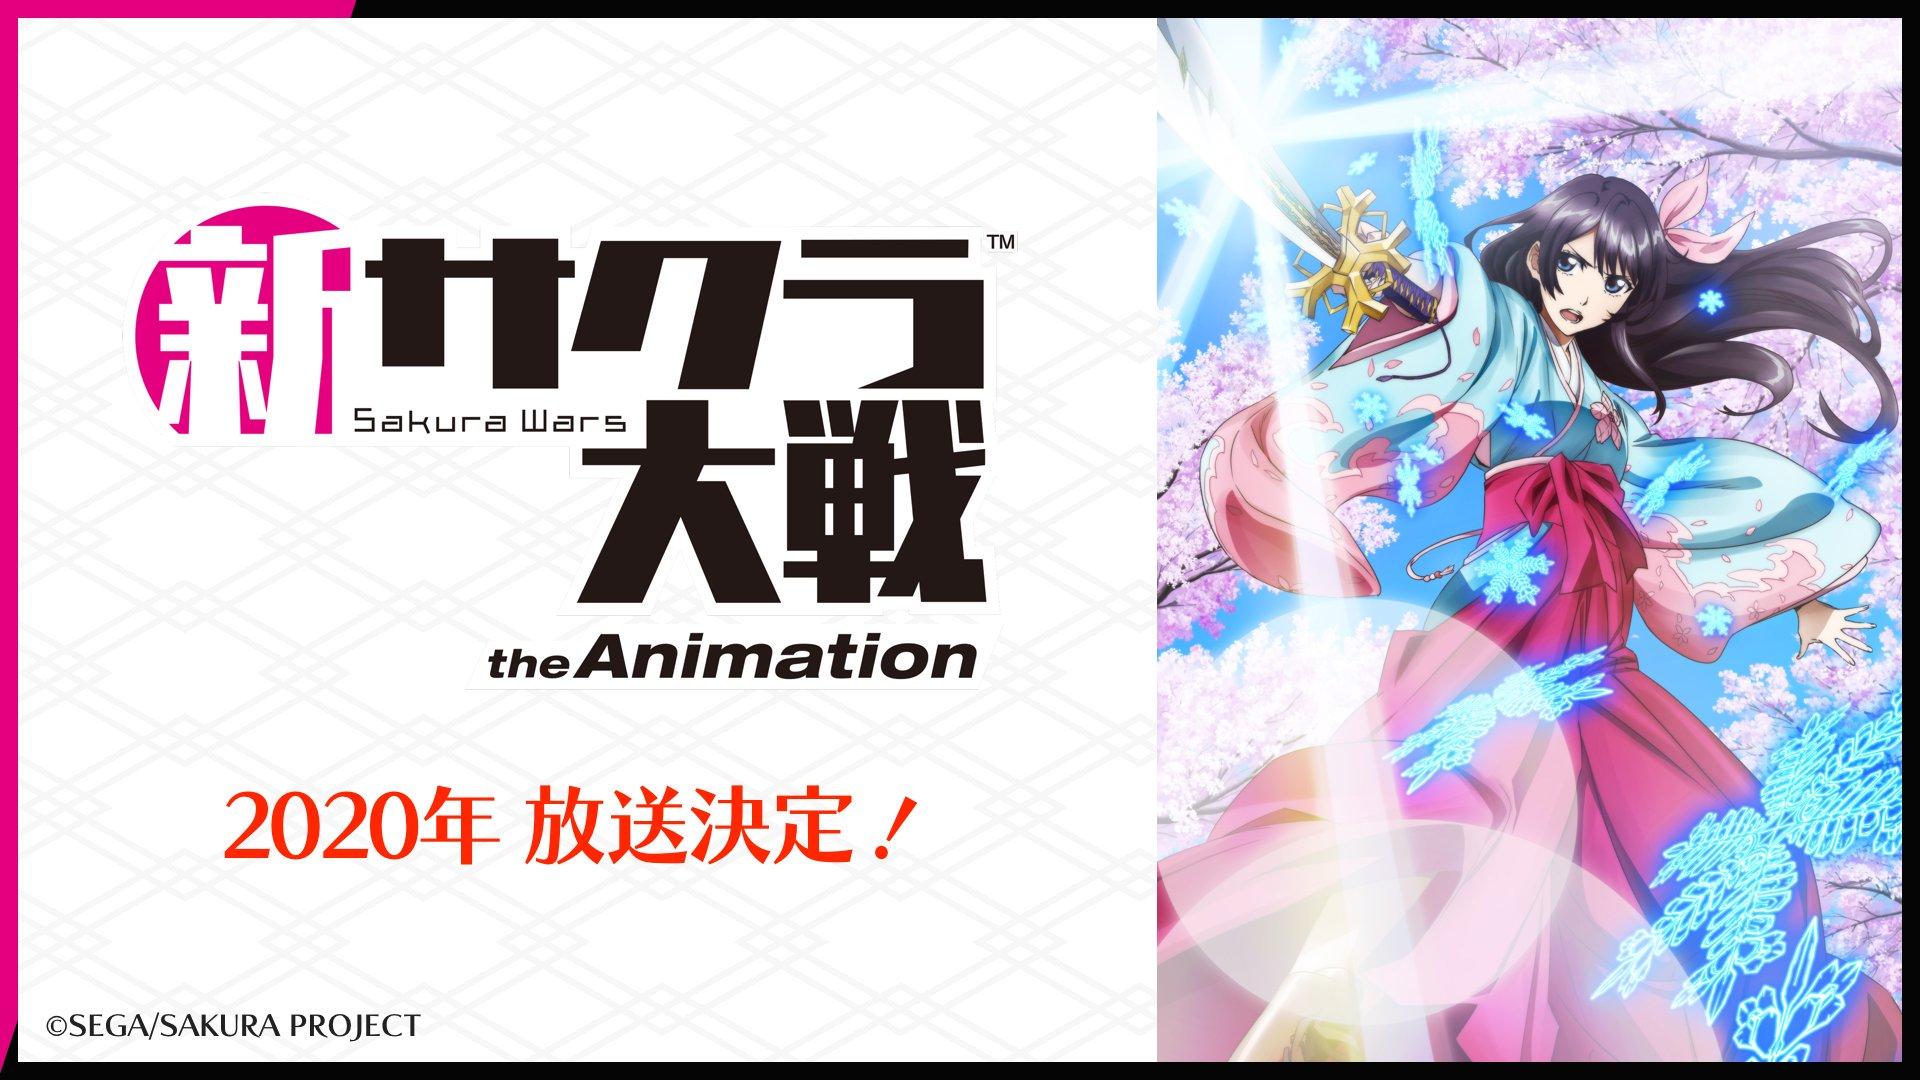 『新サクラ大戦』のTVアニメ化が決定!2020年放送